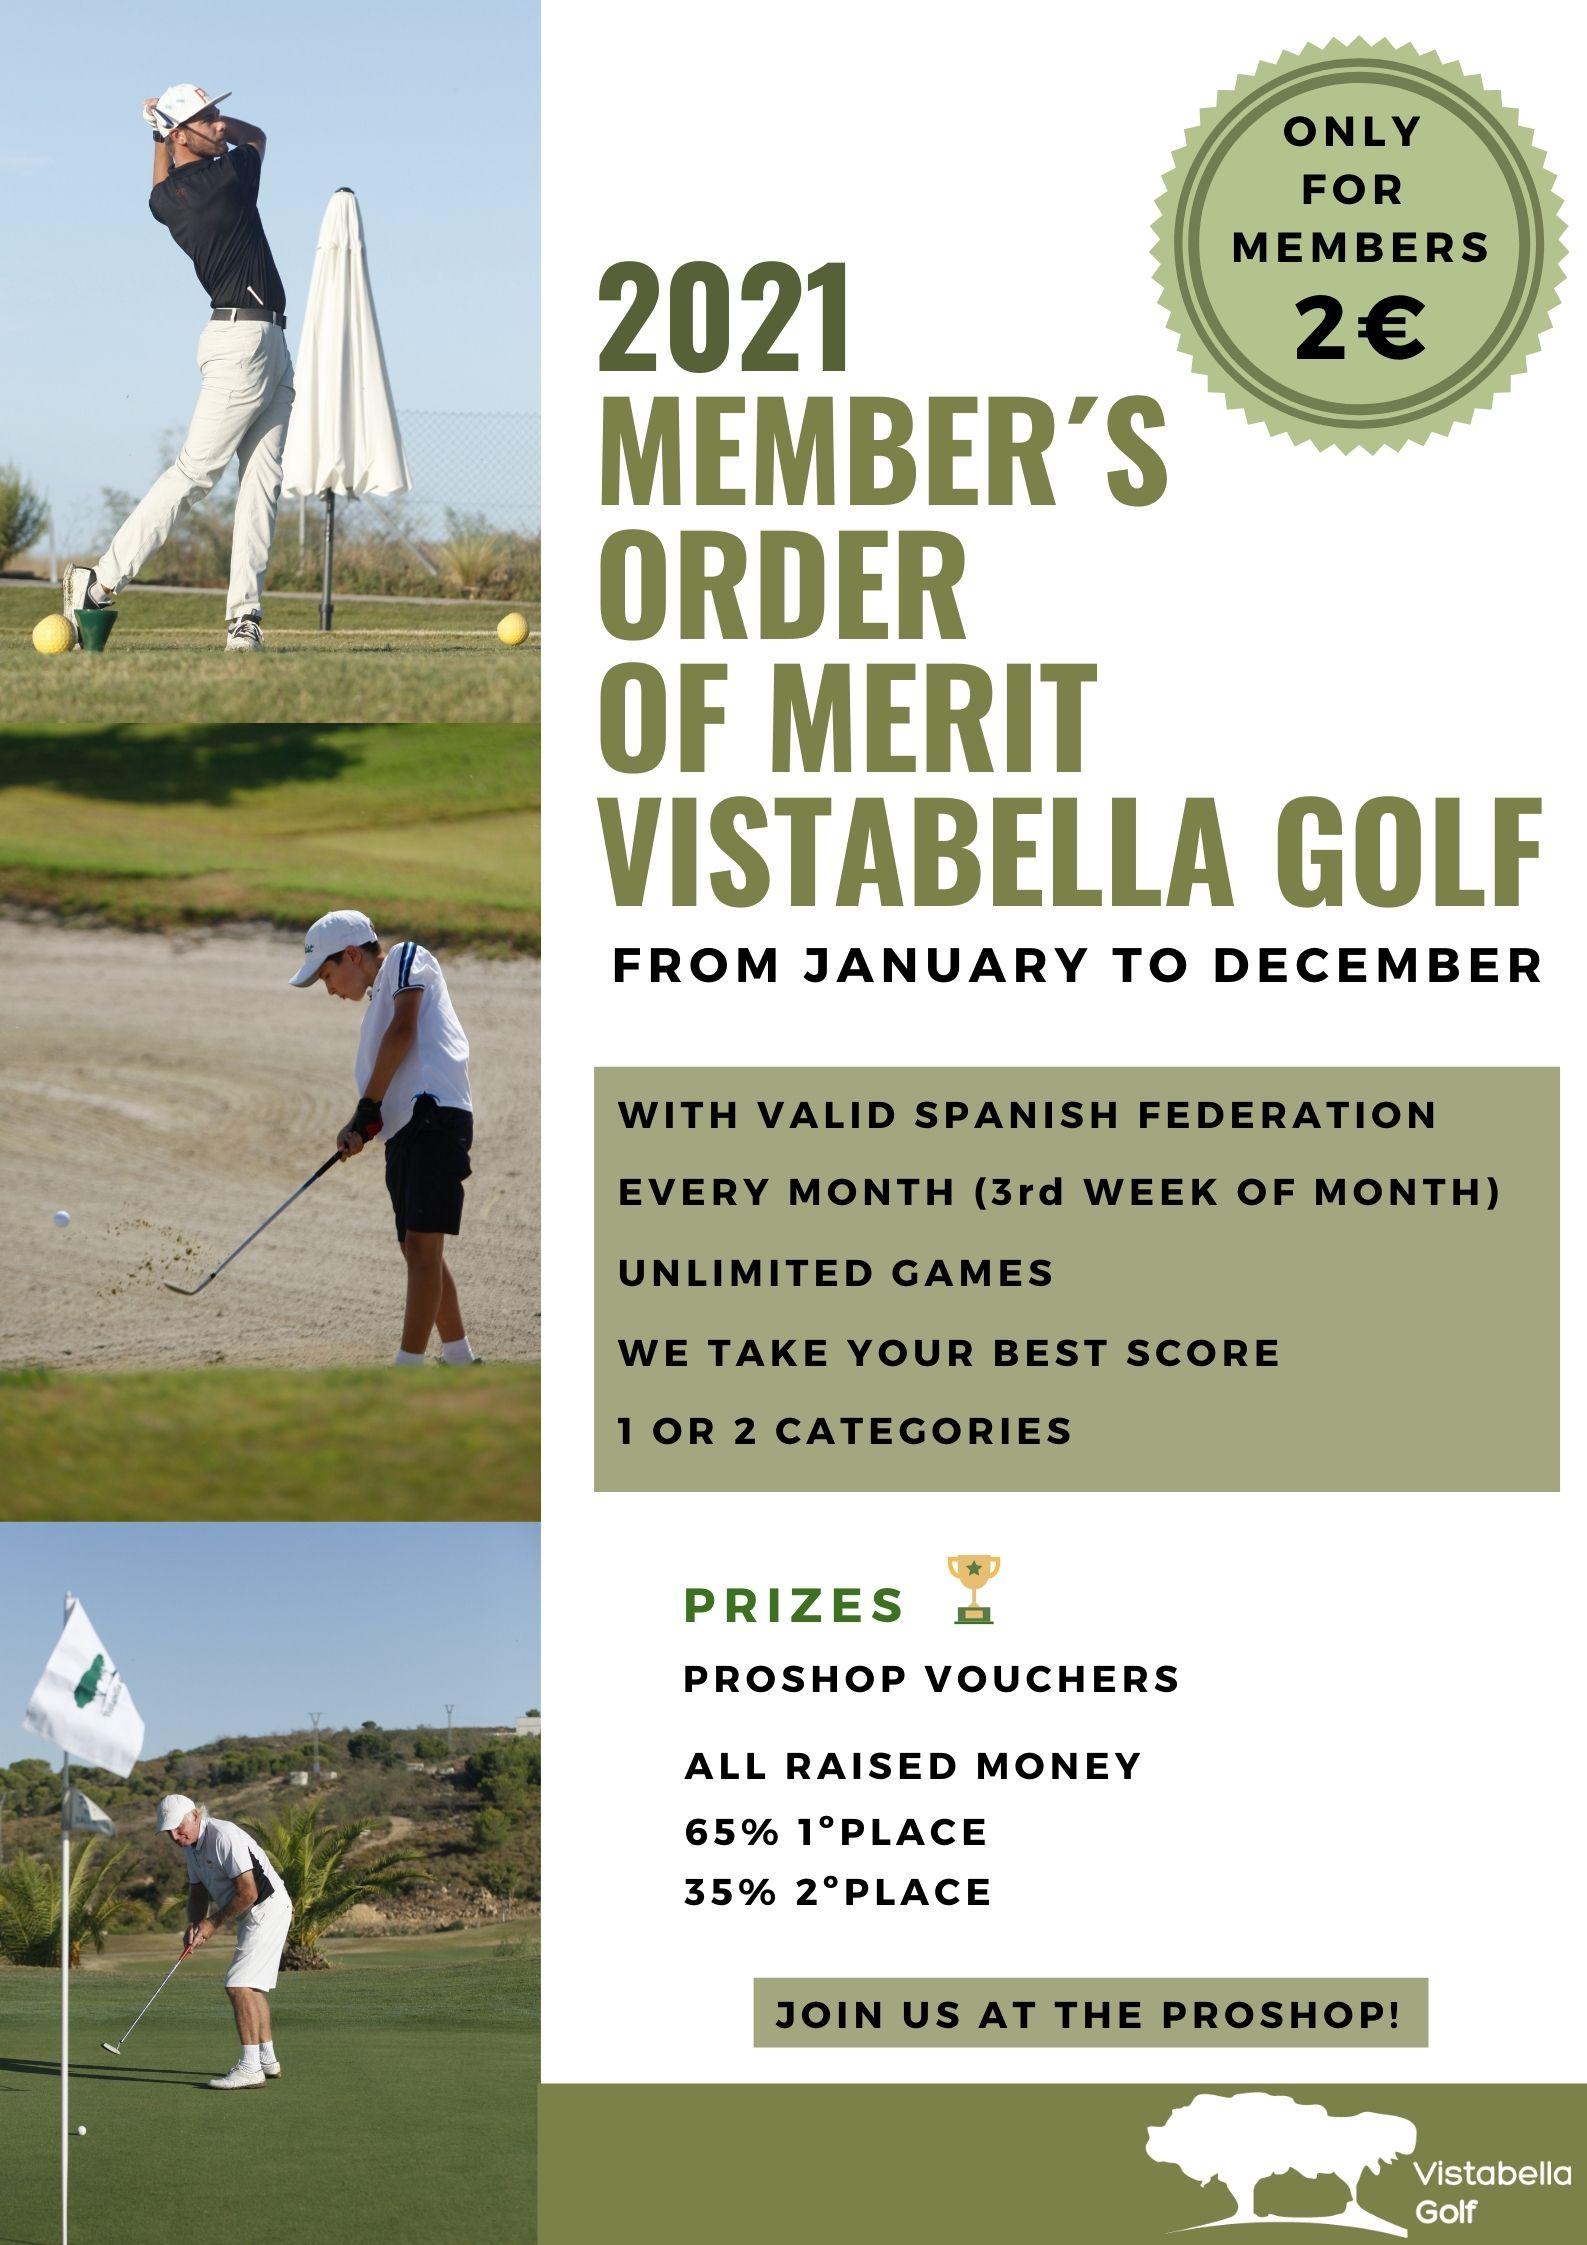 Vistabella Golf - MEMBERS ORDER OF MERIT